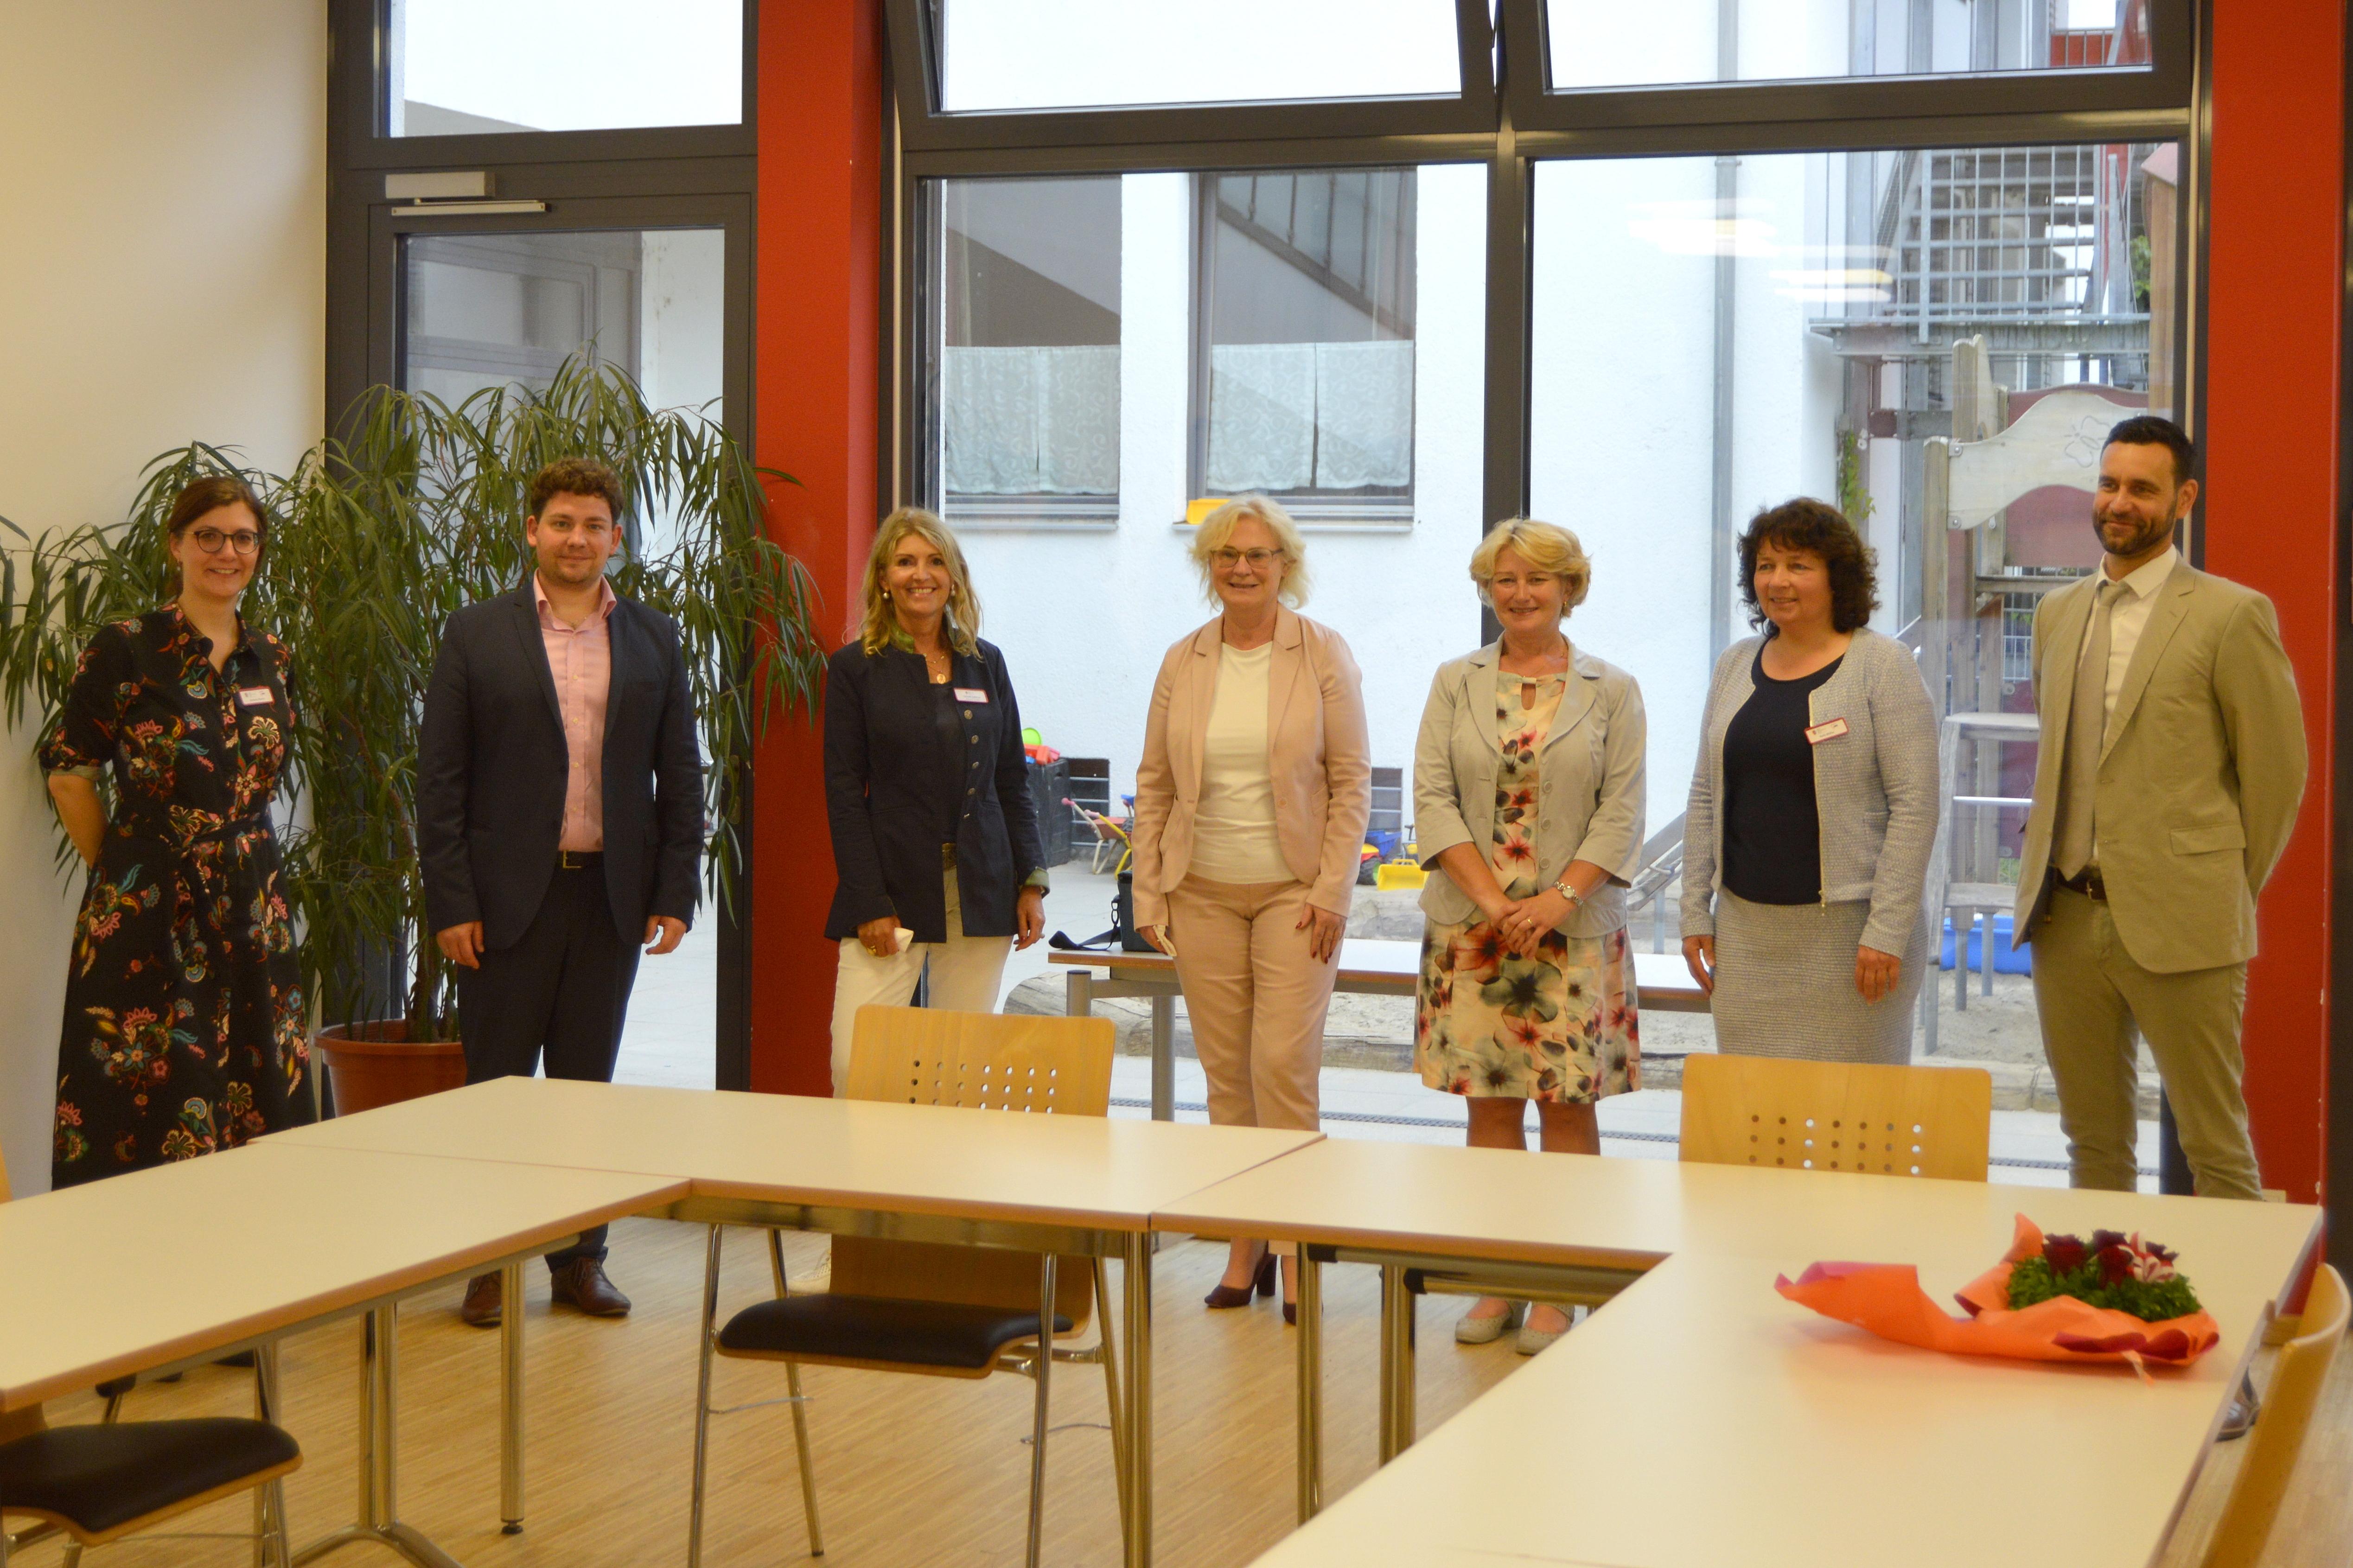 Bundesfamilienministerin Christine Lambrecht mit den Engagierten sowie Besucherinnen und Besuchern aus dem Mehrgenerationenhaus Landshut.